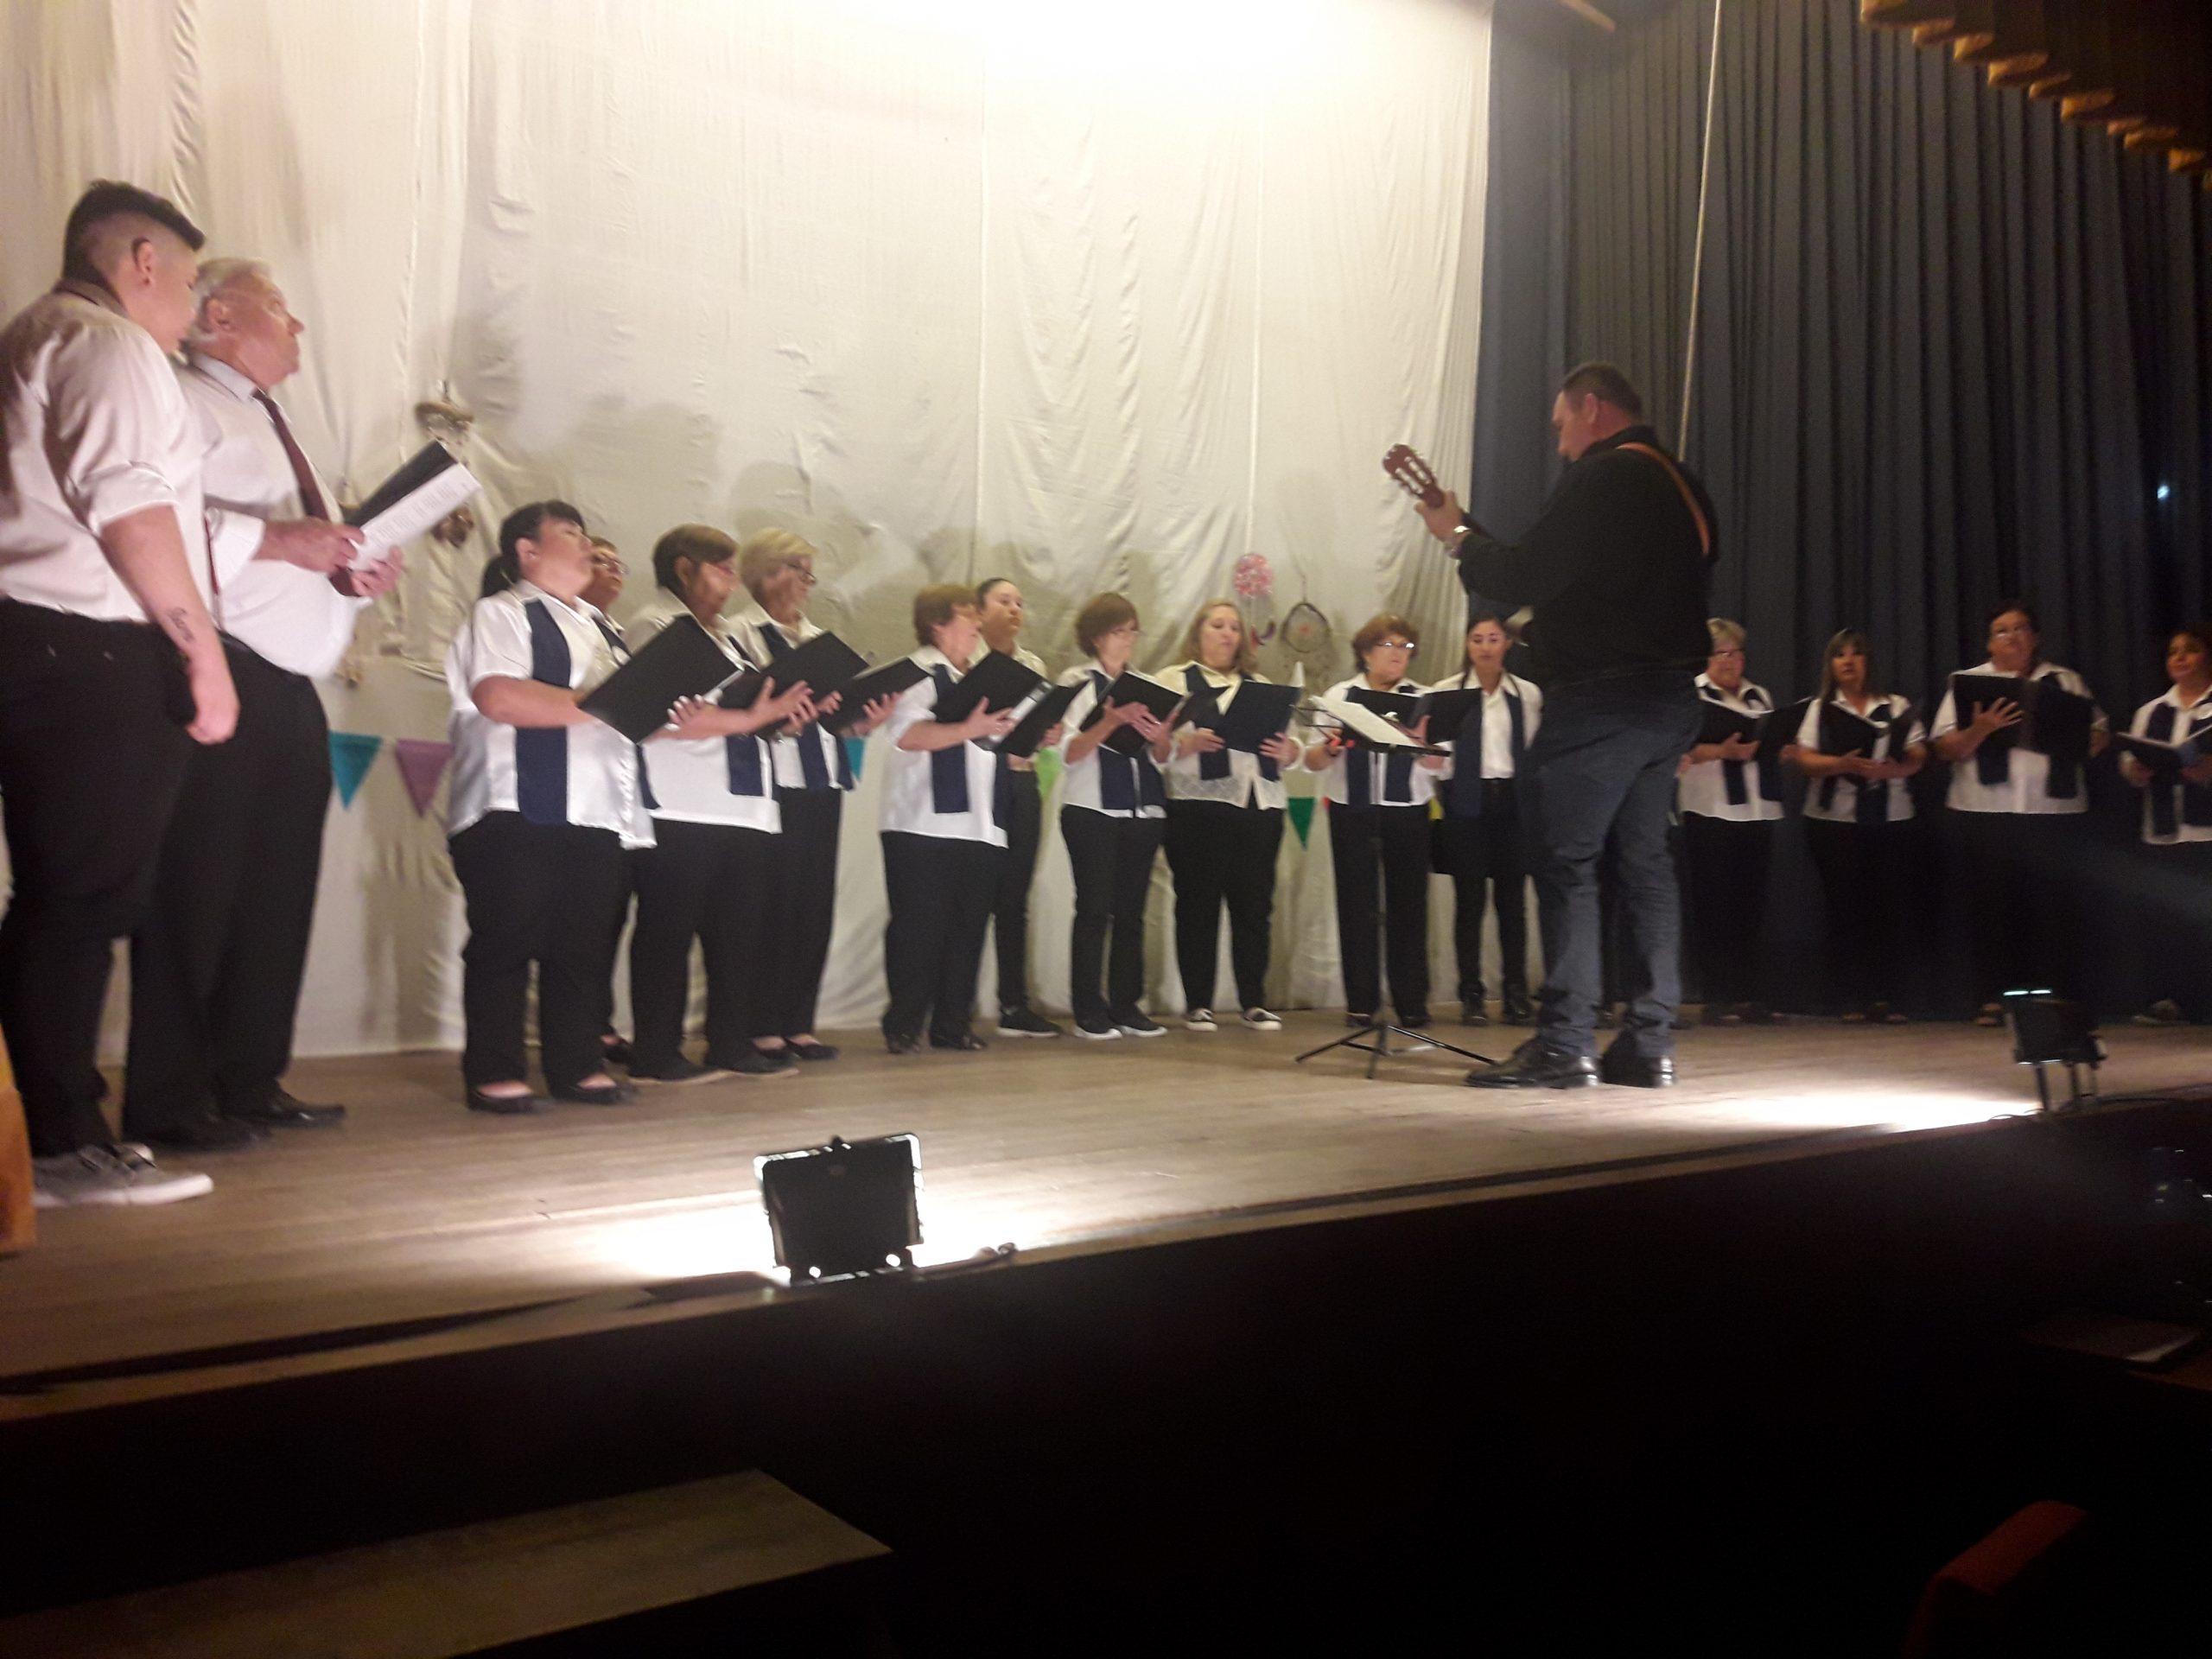 Cierre de talleres anuales de coro y teatro en Hilario Lagos